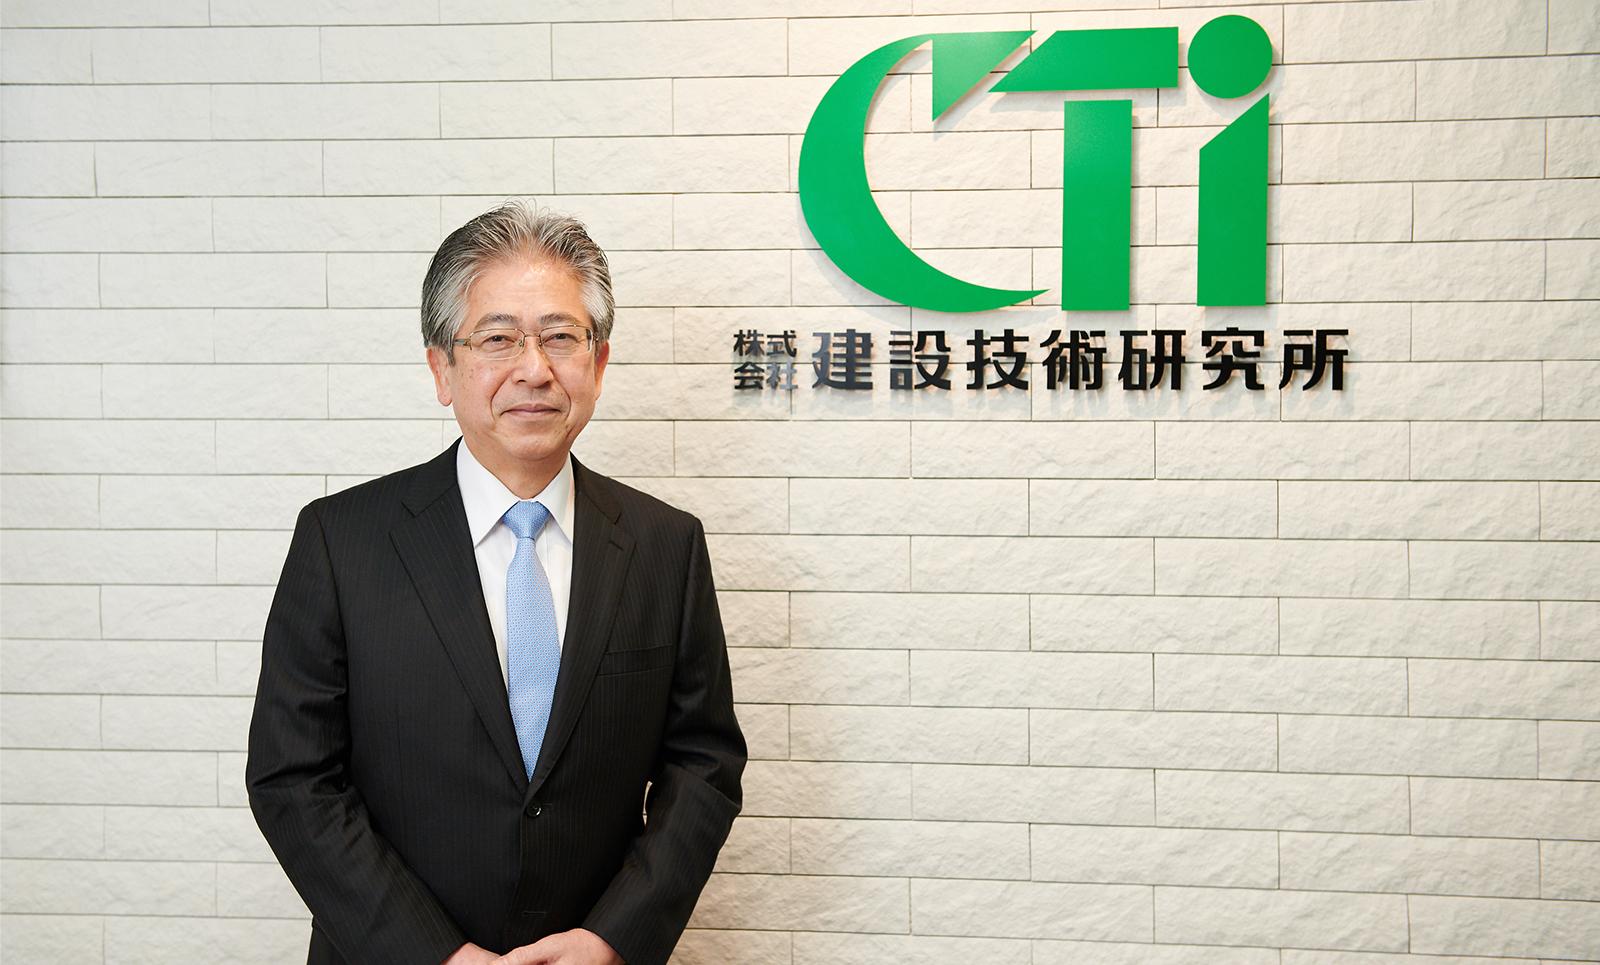 株式会社建設技術研究所 代表取締役社長 中村哲己さん